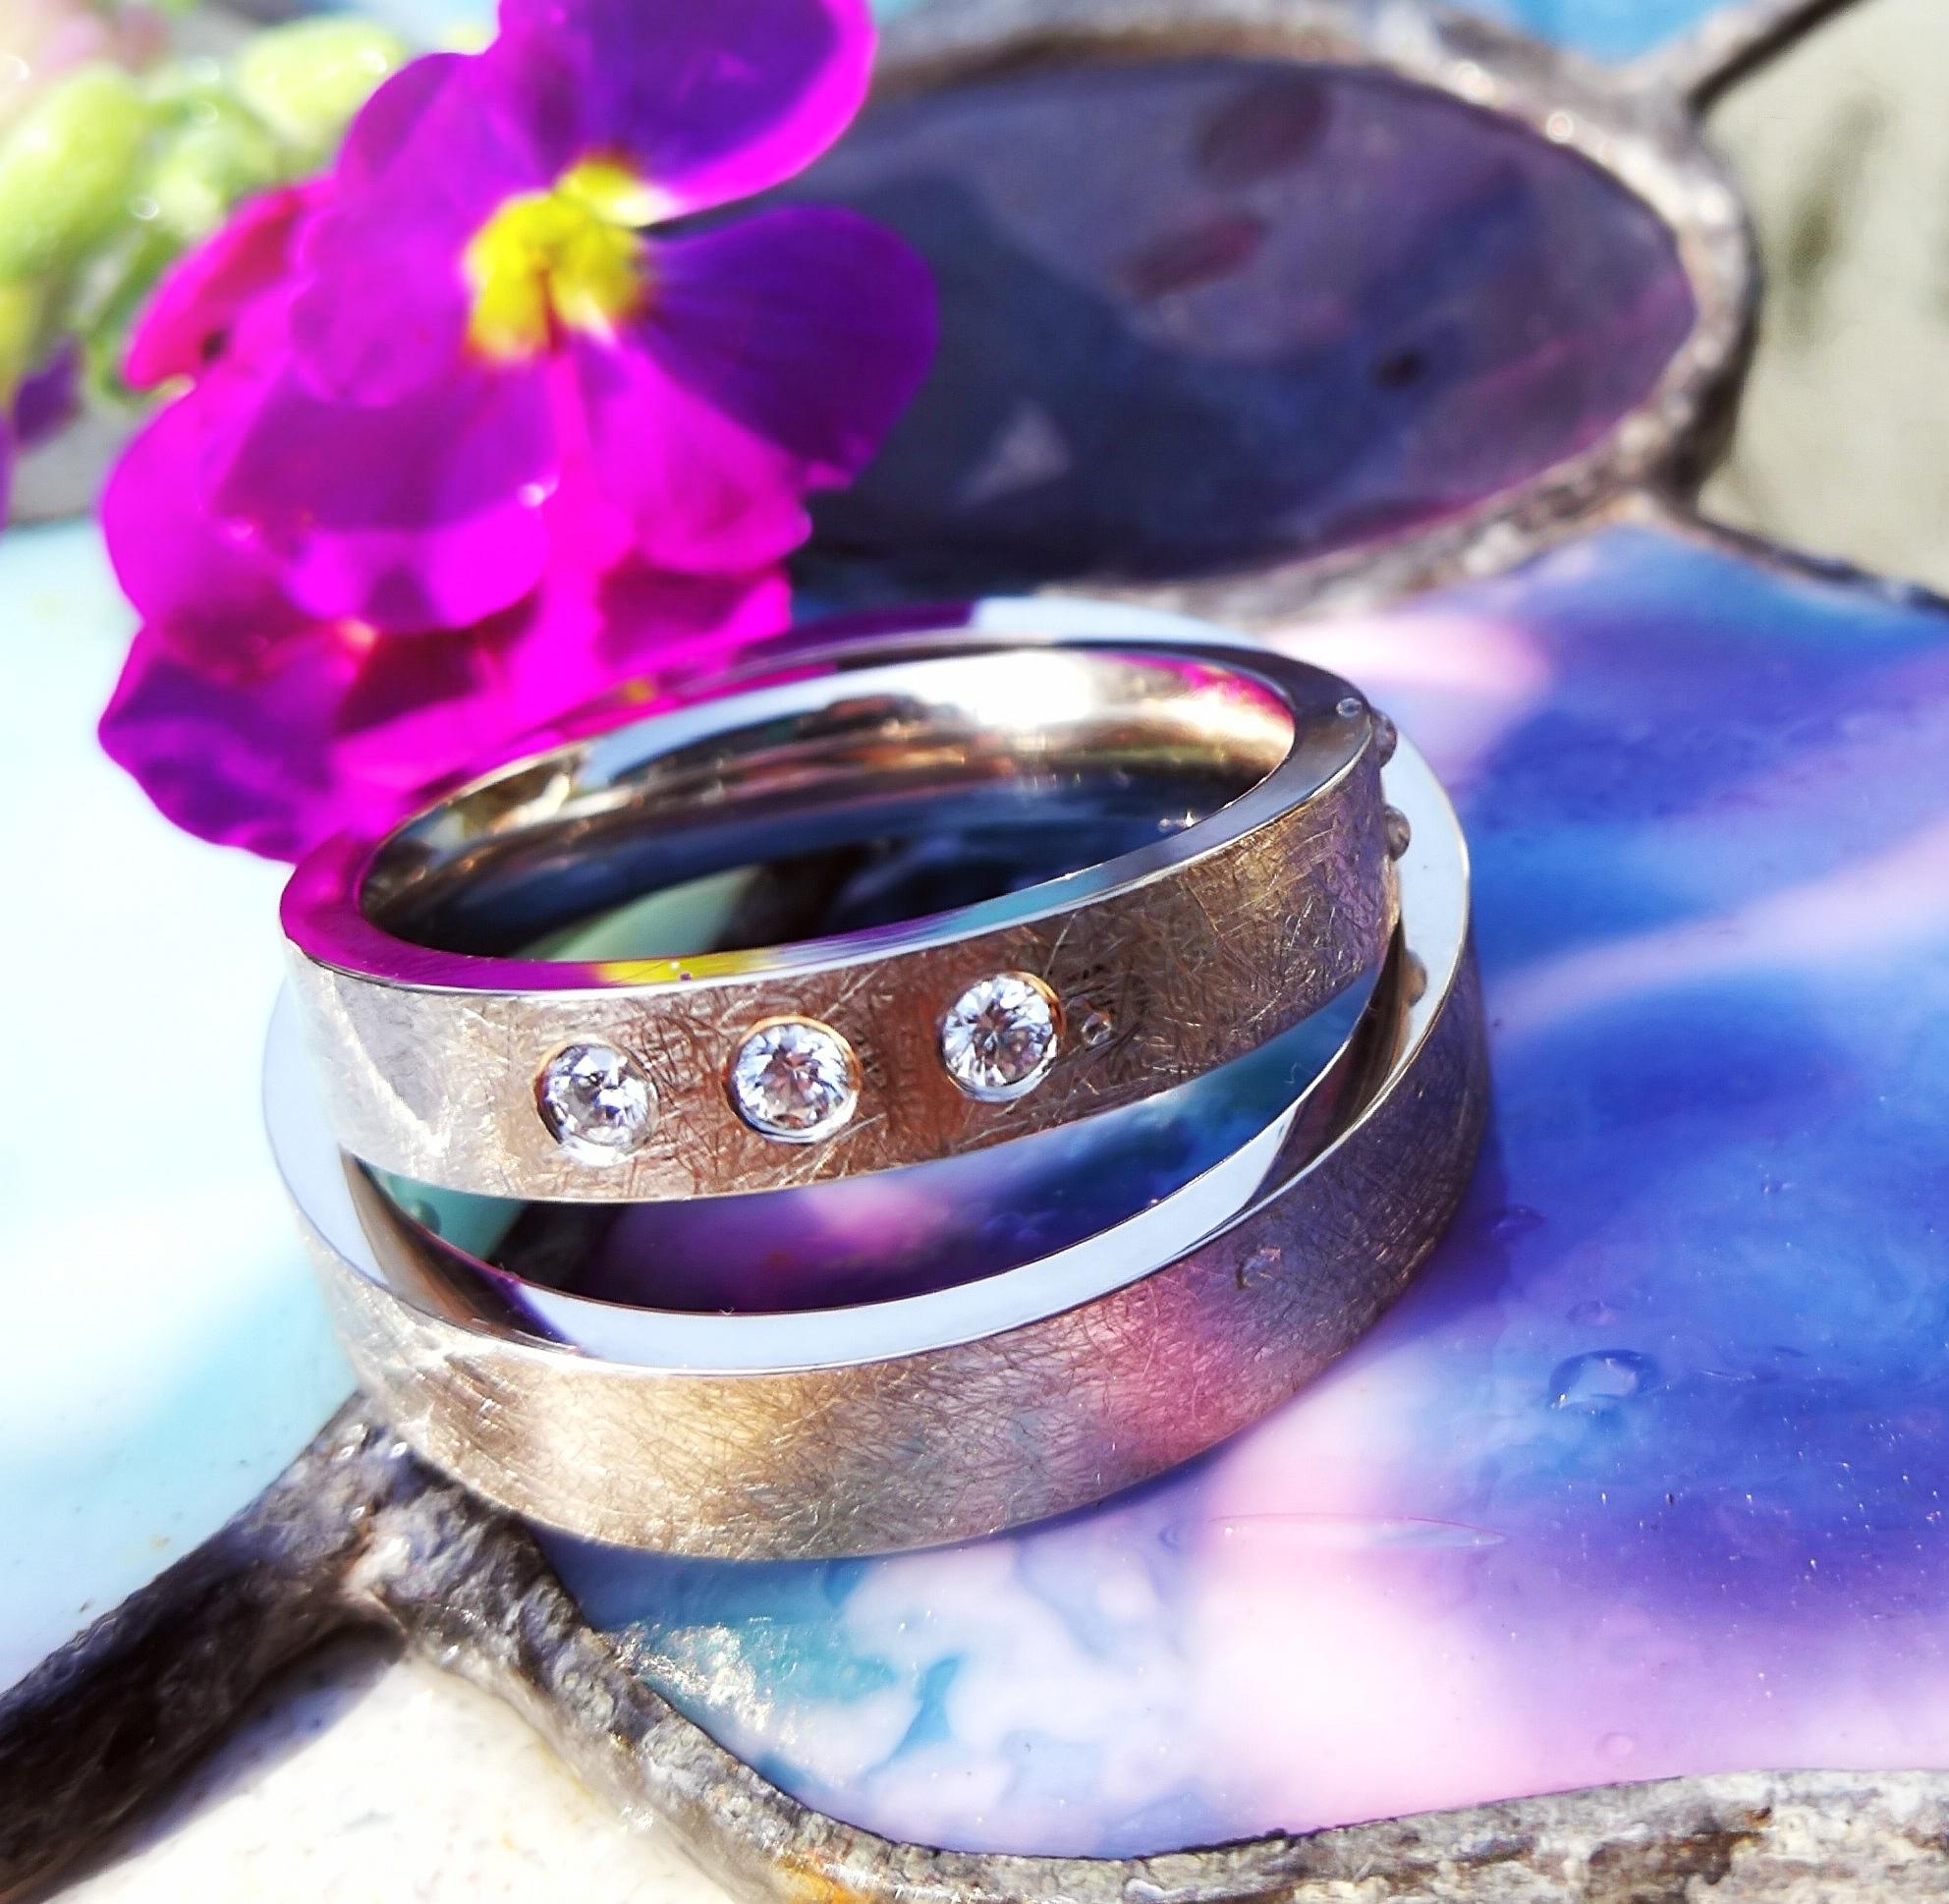 Es muss nicht immer ein Ring am Finger sein. Den Beginn eines neuen Lebensabschnitt kann man auch anders zeigen! Hier mit Seemanns Creolen mit den Initialen in classic Gelbgold 😍